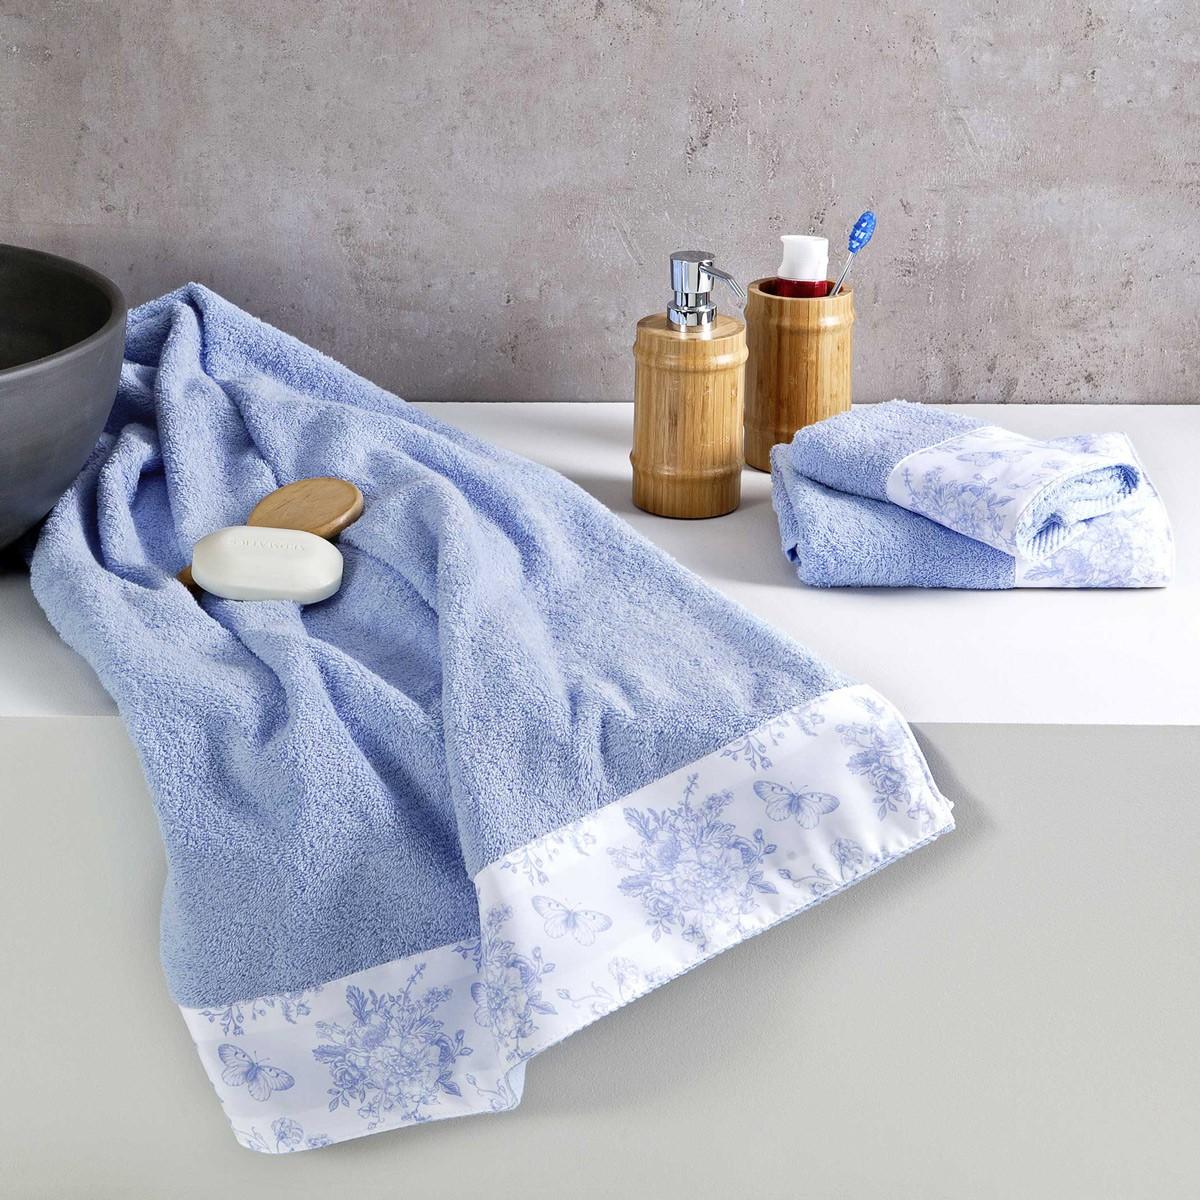 Πετσέτες Μπάνιου (Σετ 3τμχ) Nima Towels Whitehall